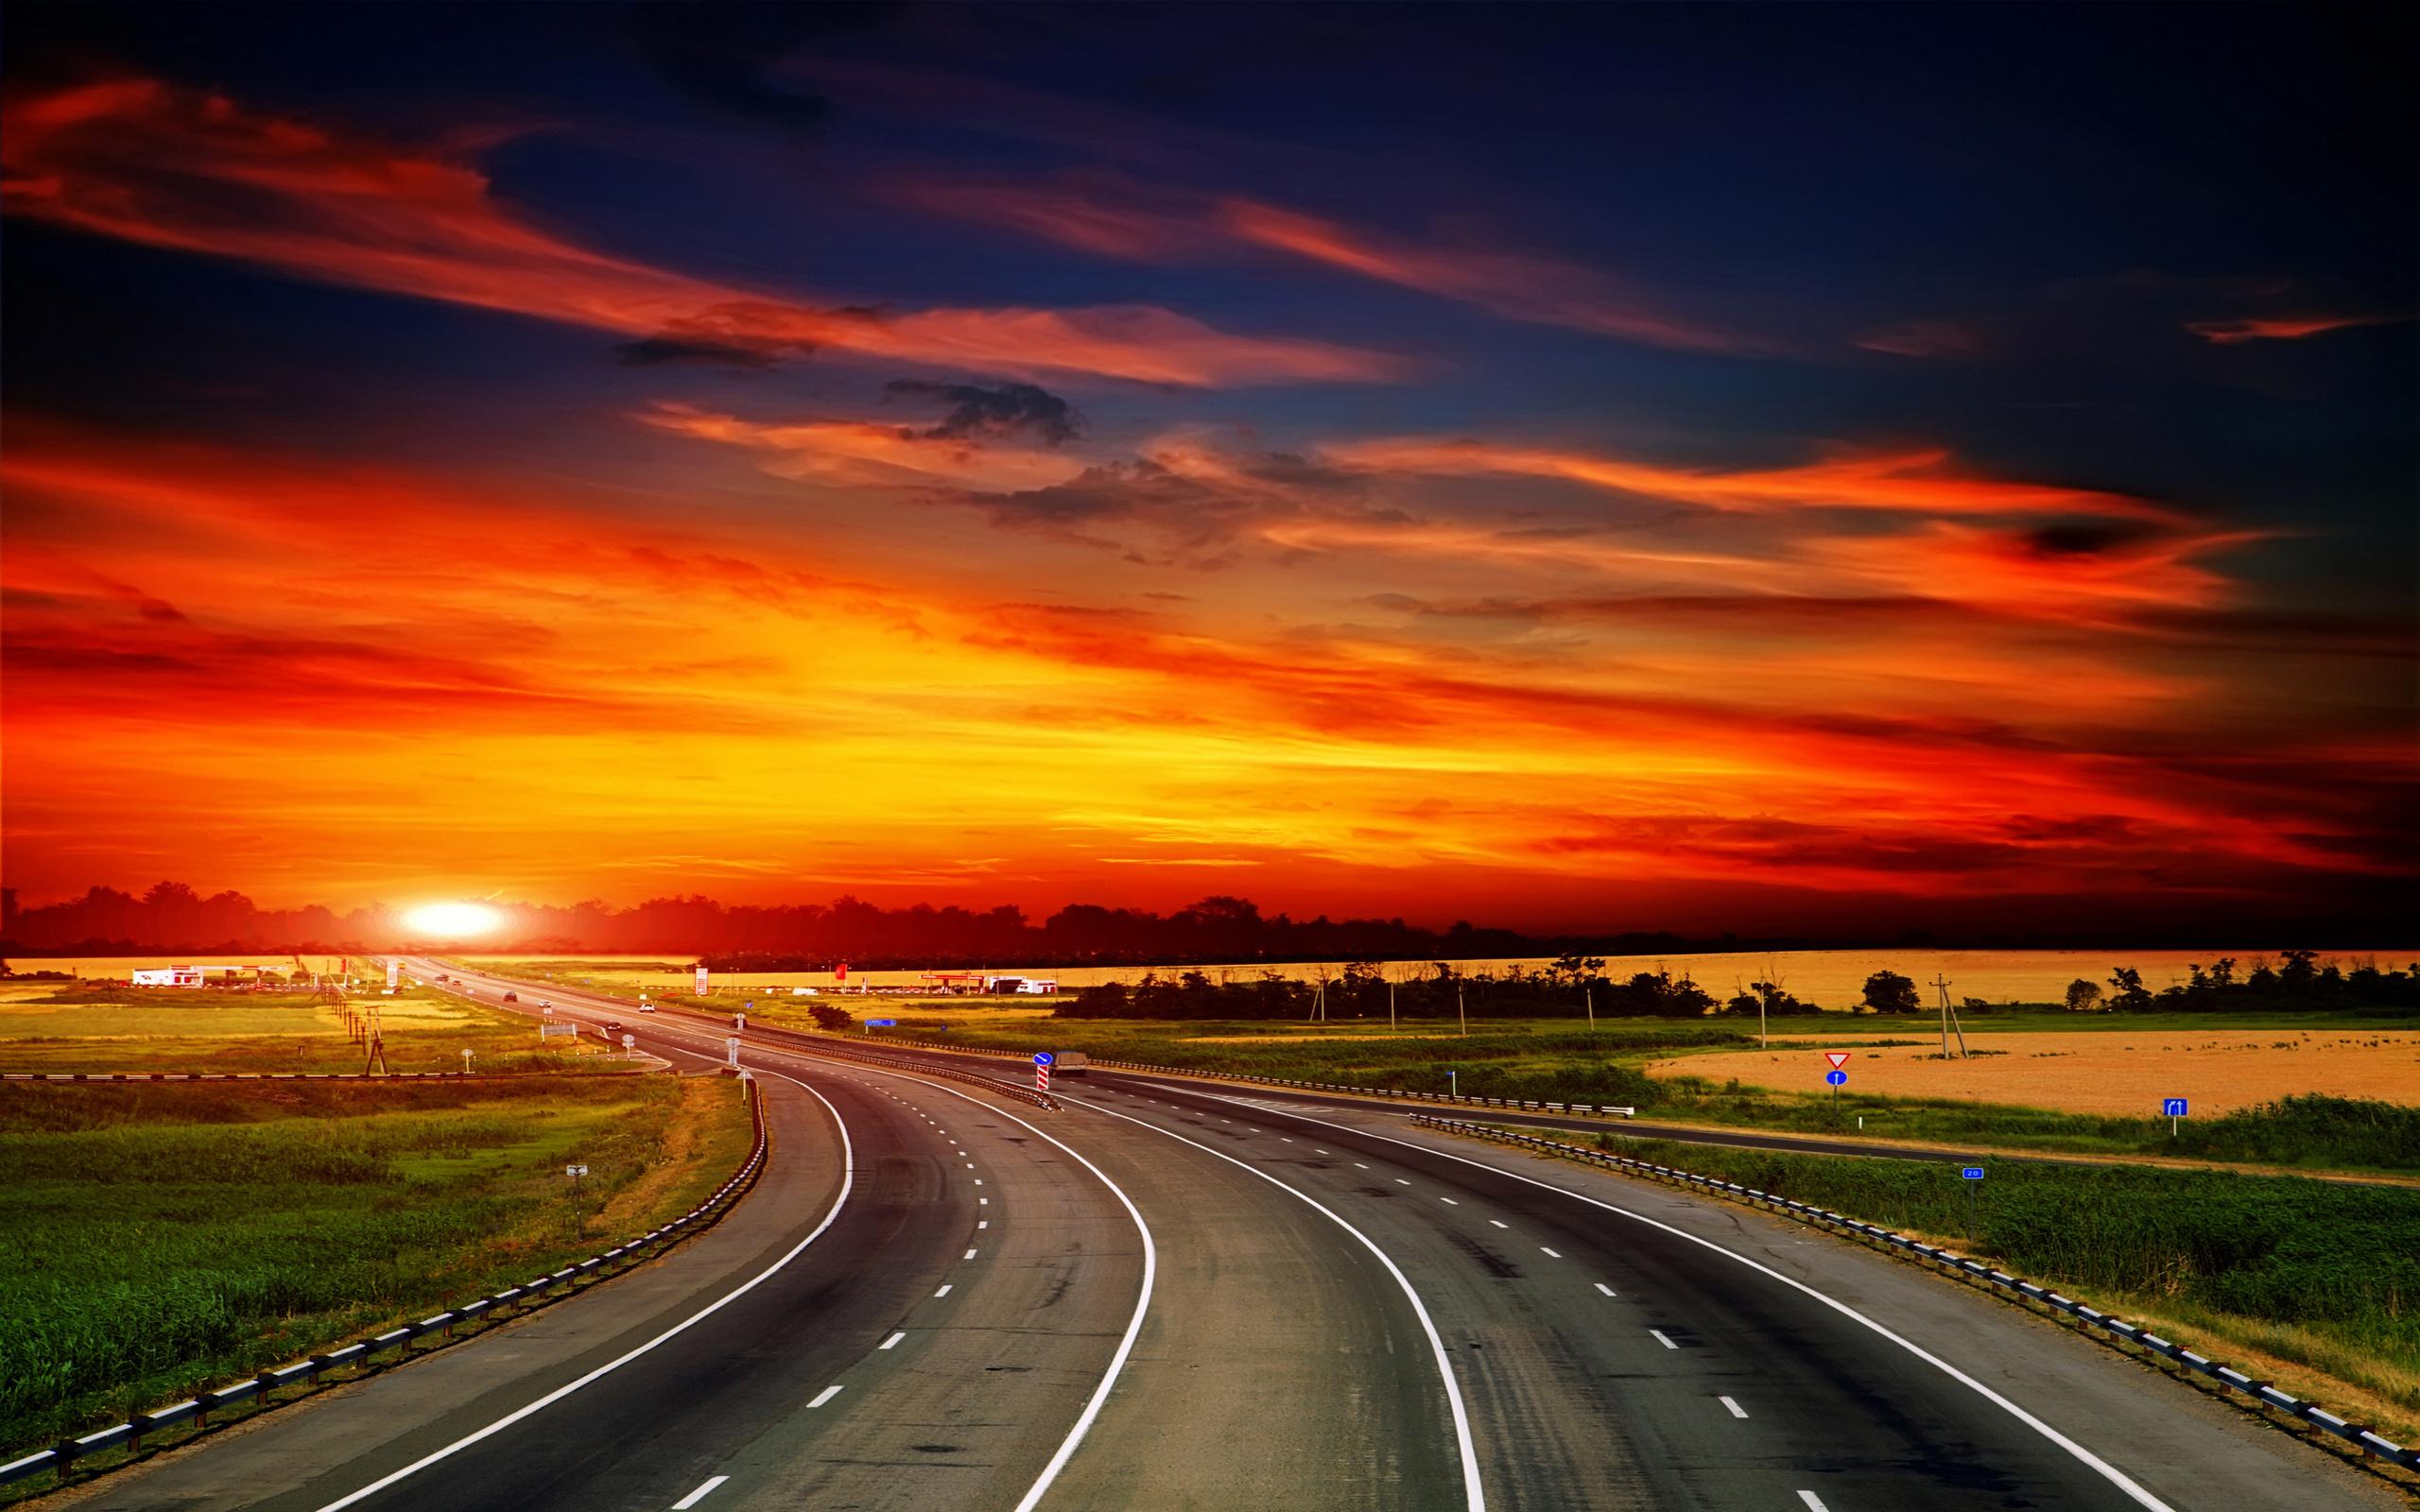 этого существует красивые картинки дороги и закат ресницы